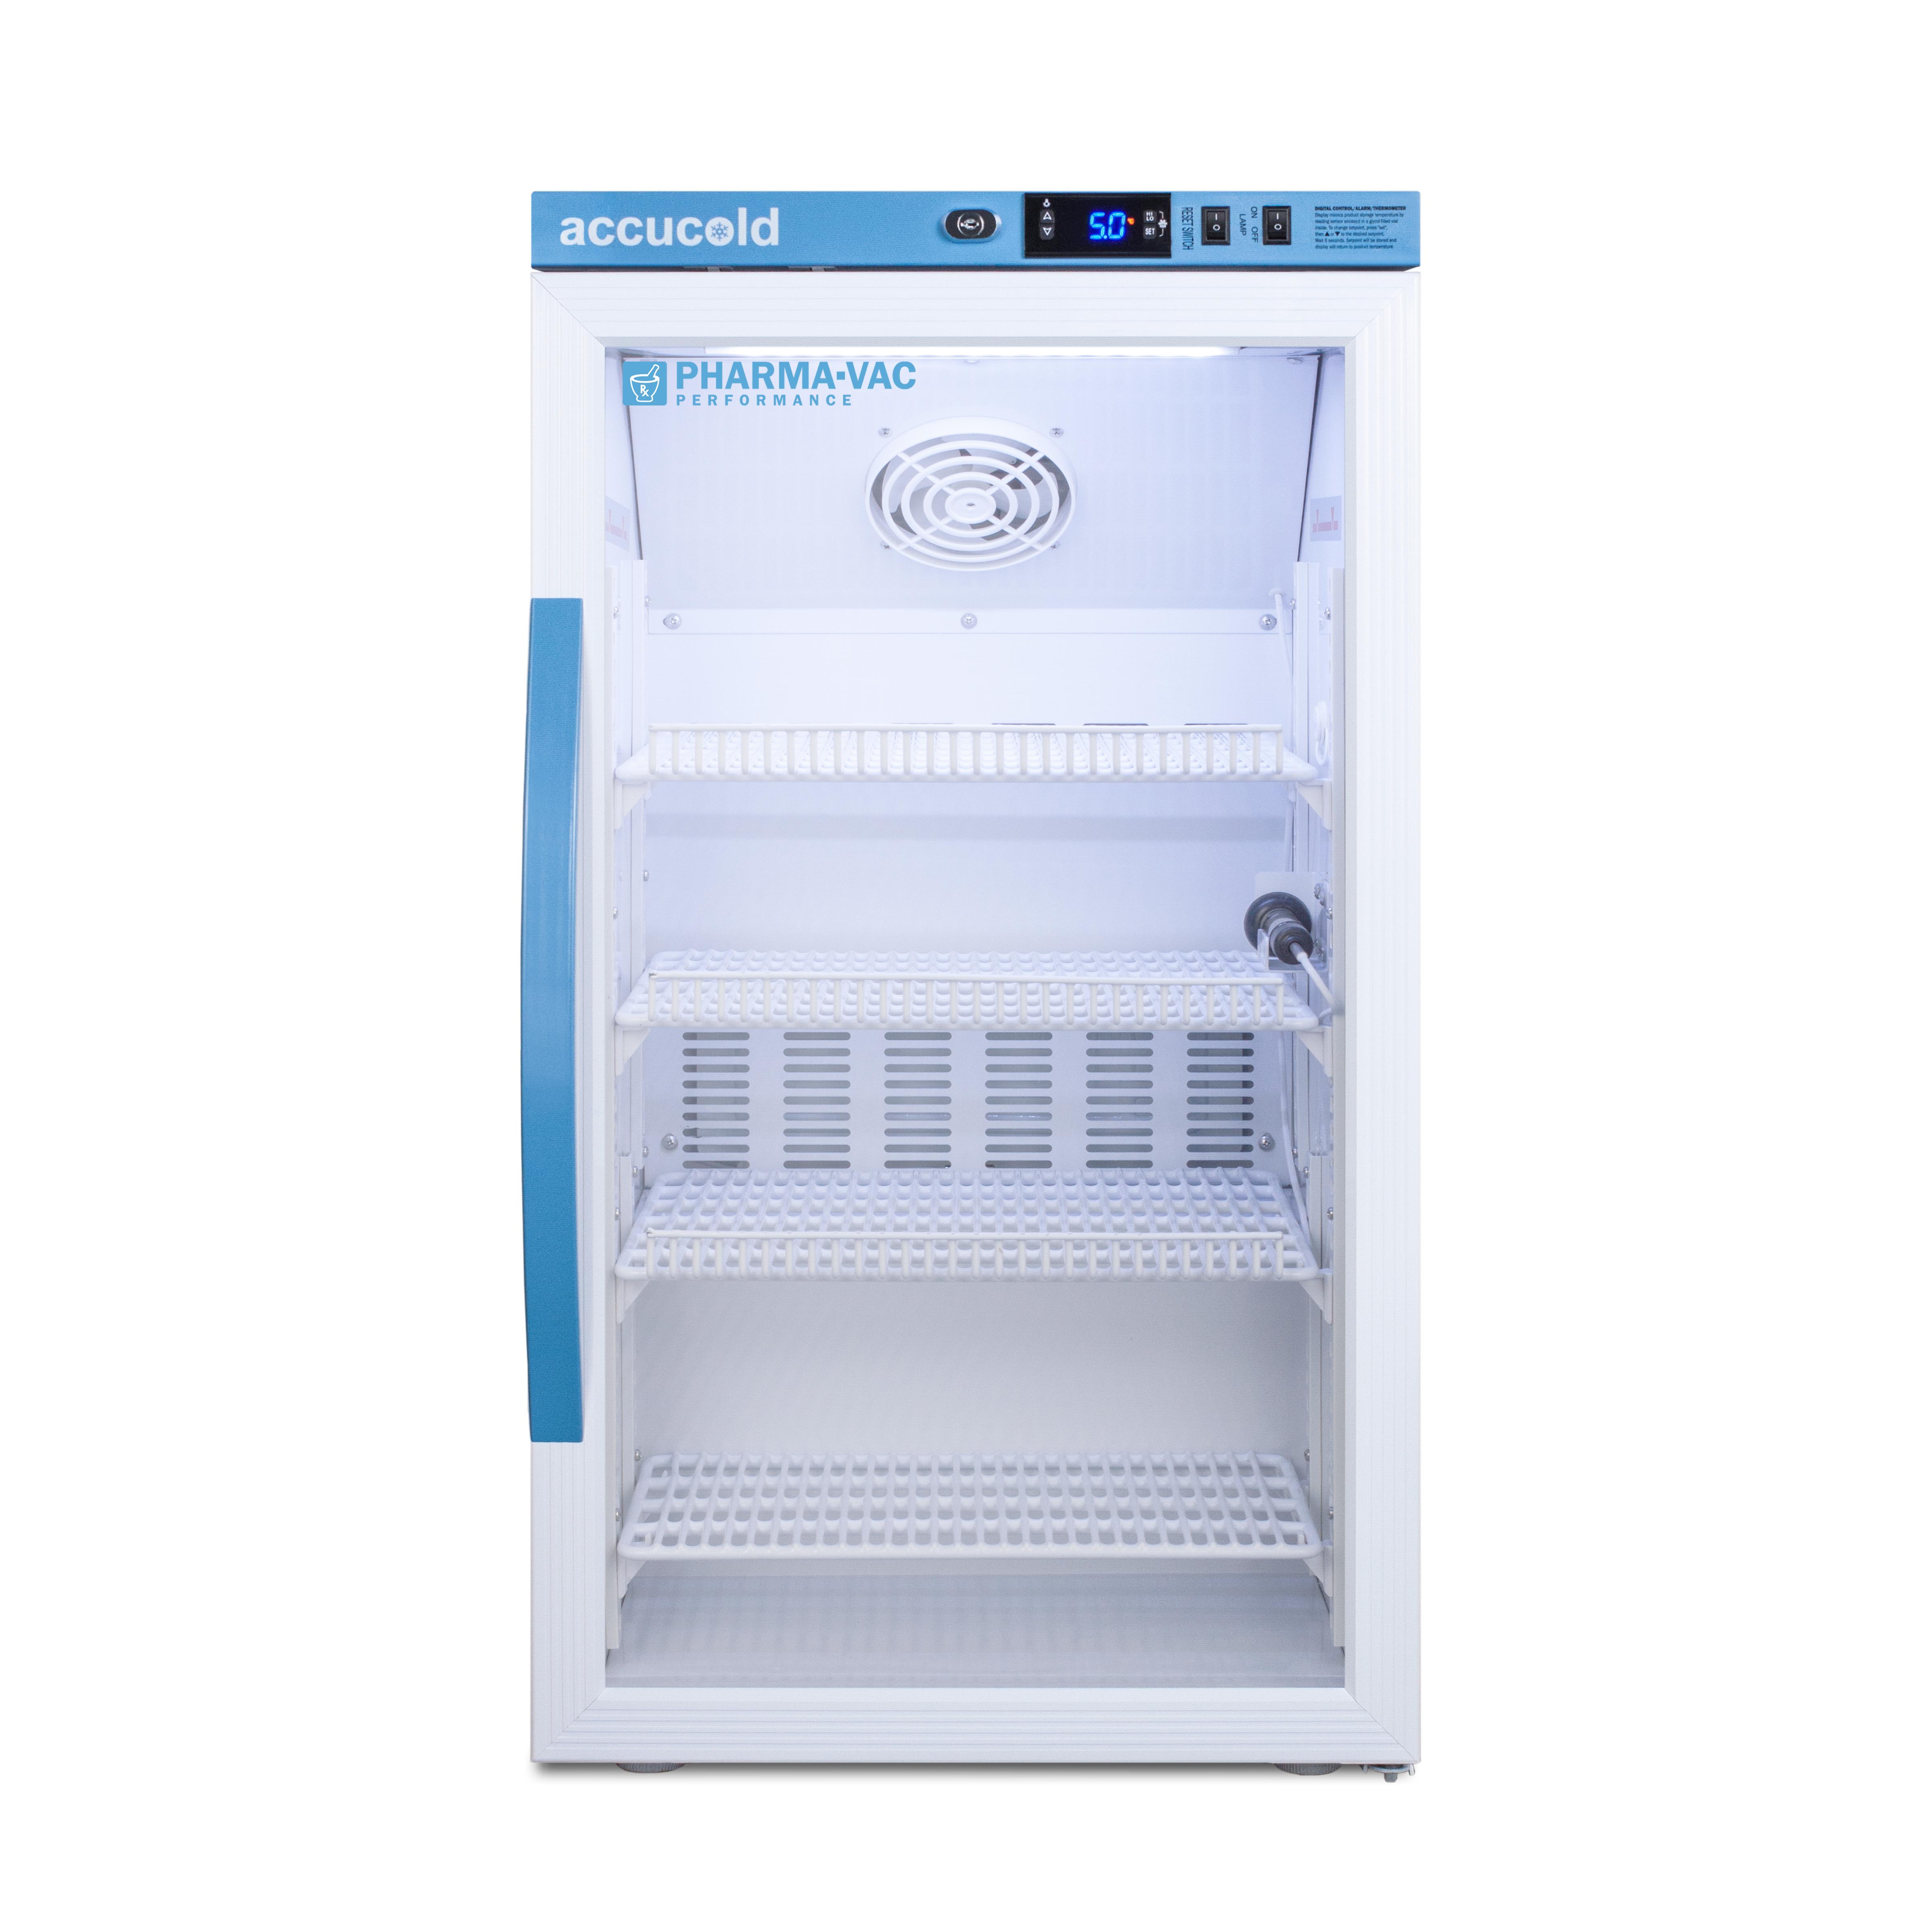 Summit Appliance ARG3PV refrigerator, medical